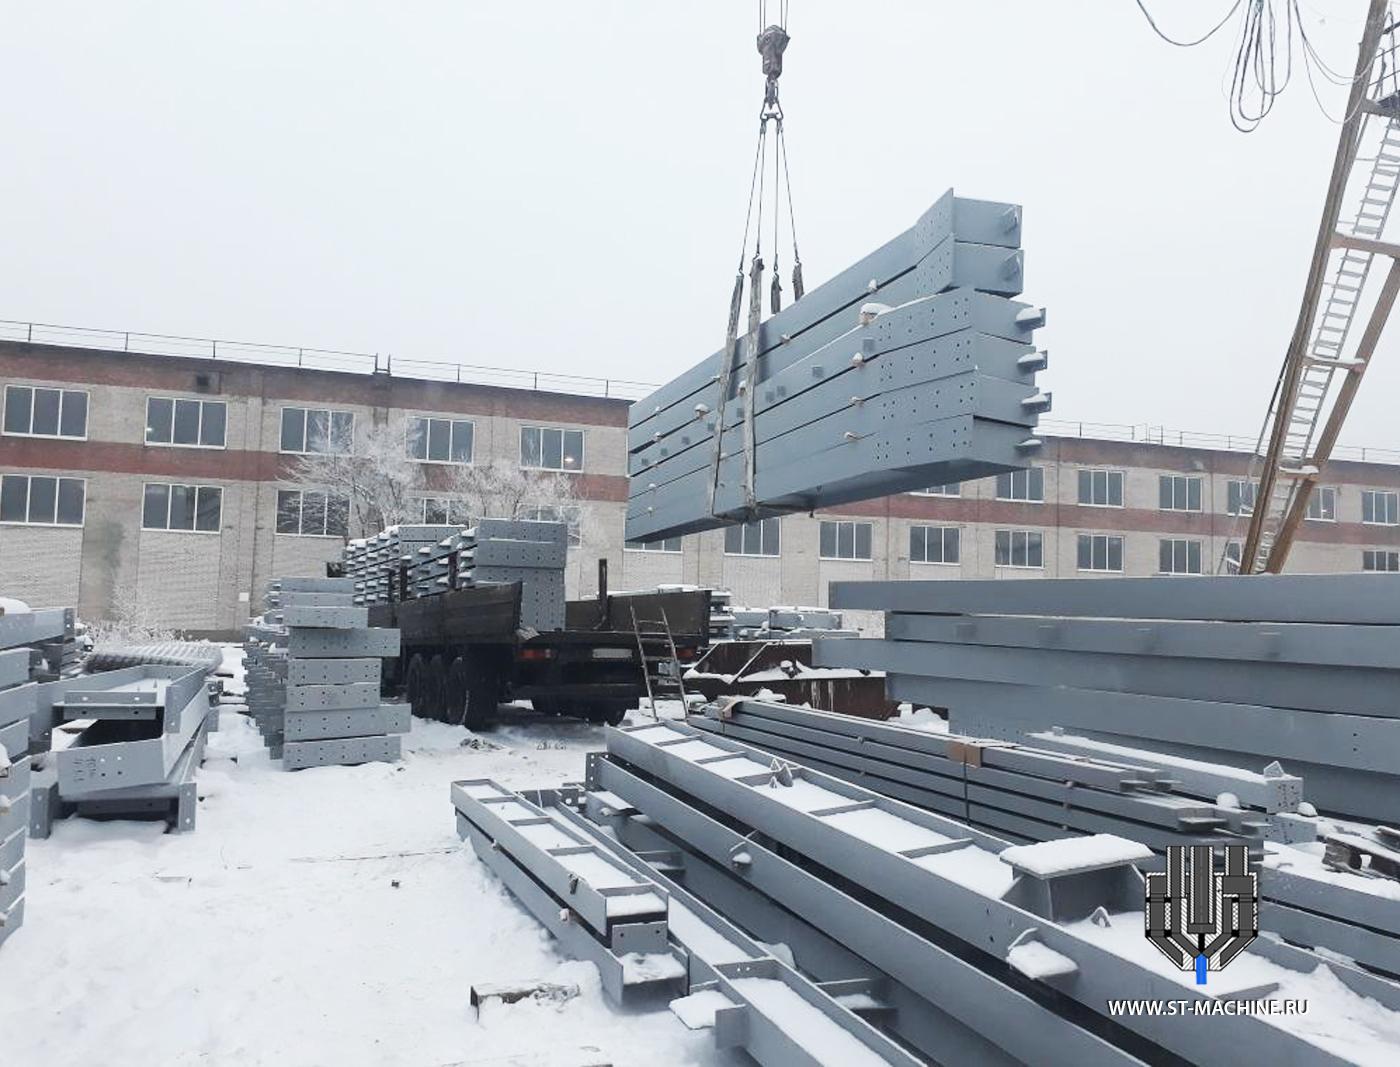 metallokonstrukzii-na-zakaz-st-machine.ru.jpg